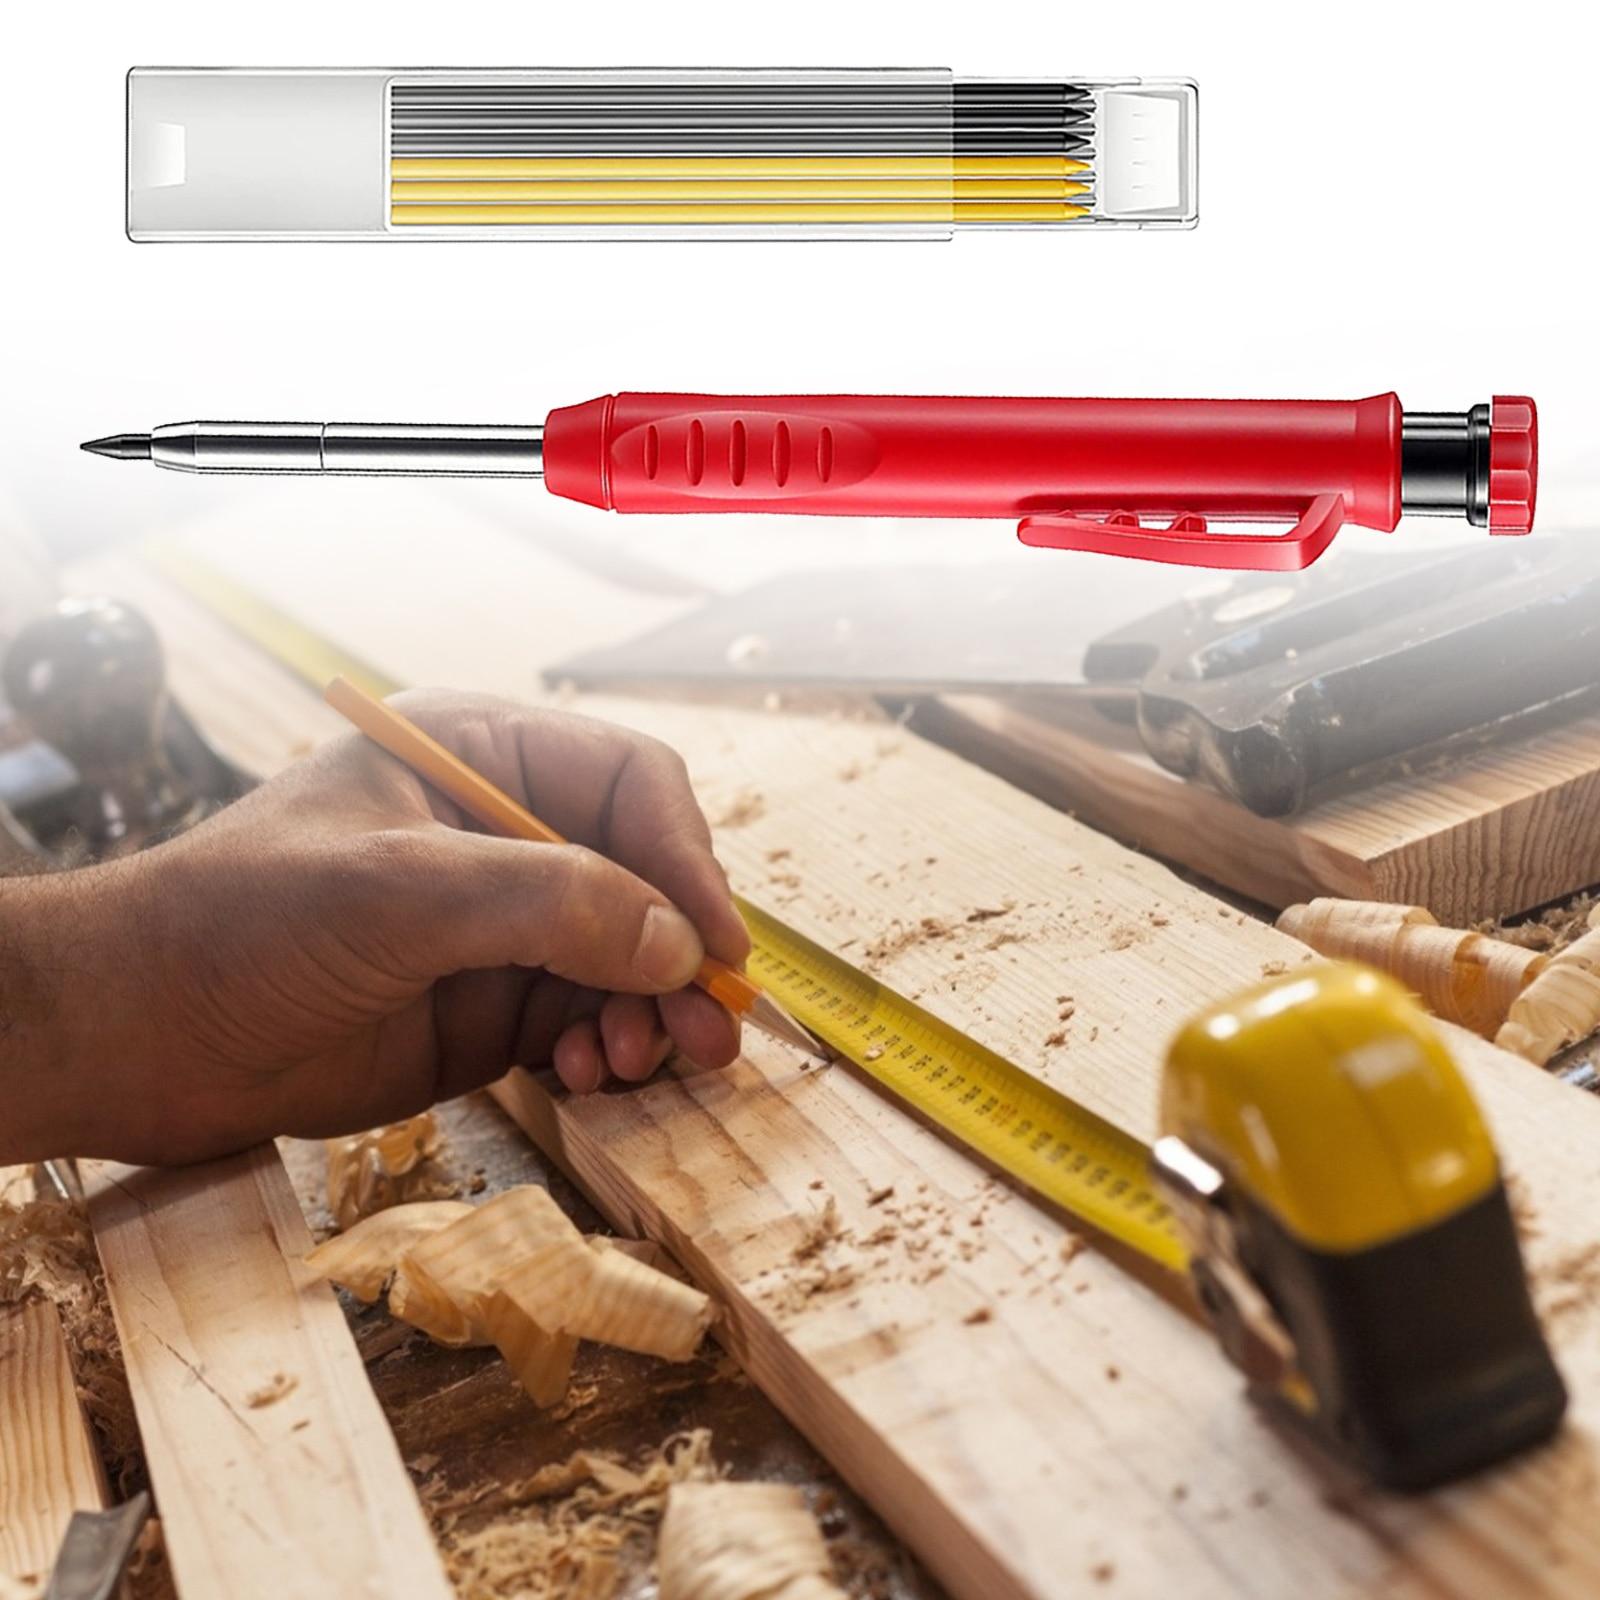 Ручка для деревообработки, фломастер с глубоким отверстием, ручка для рисования, графит, заправка, мини-тип, заправка ленты, 7 стержней, встро...